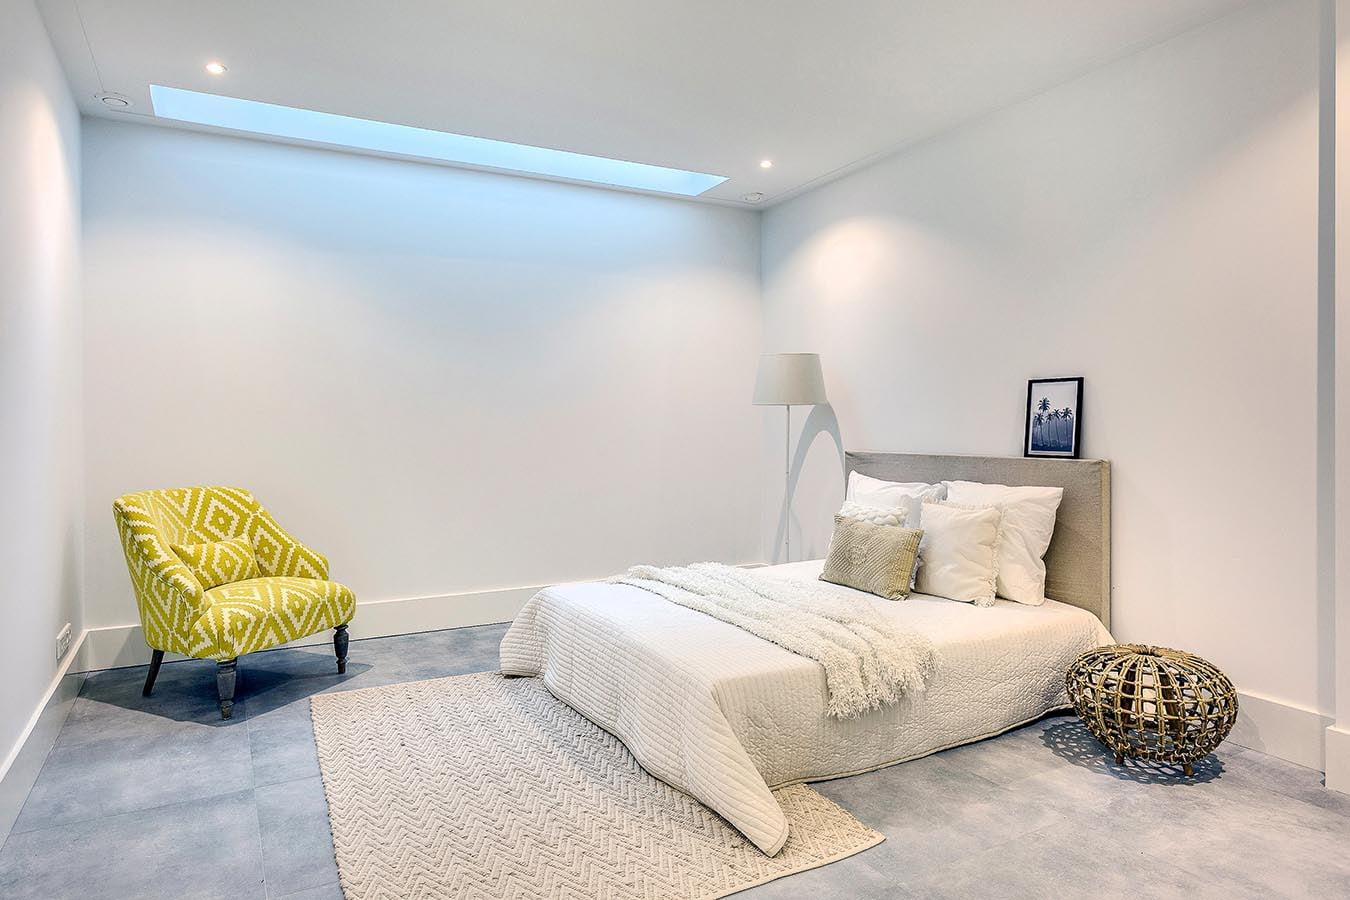 ruime slaapkamer met lichtinval vanuit het dak